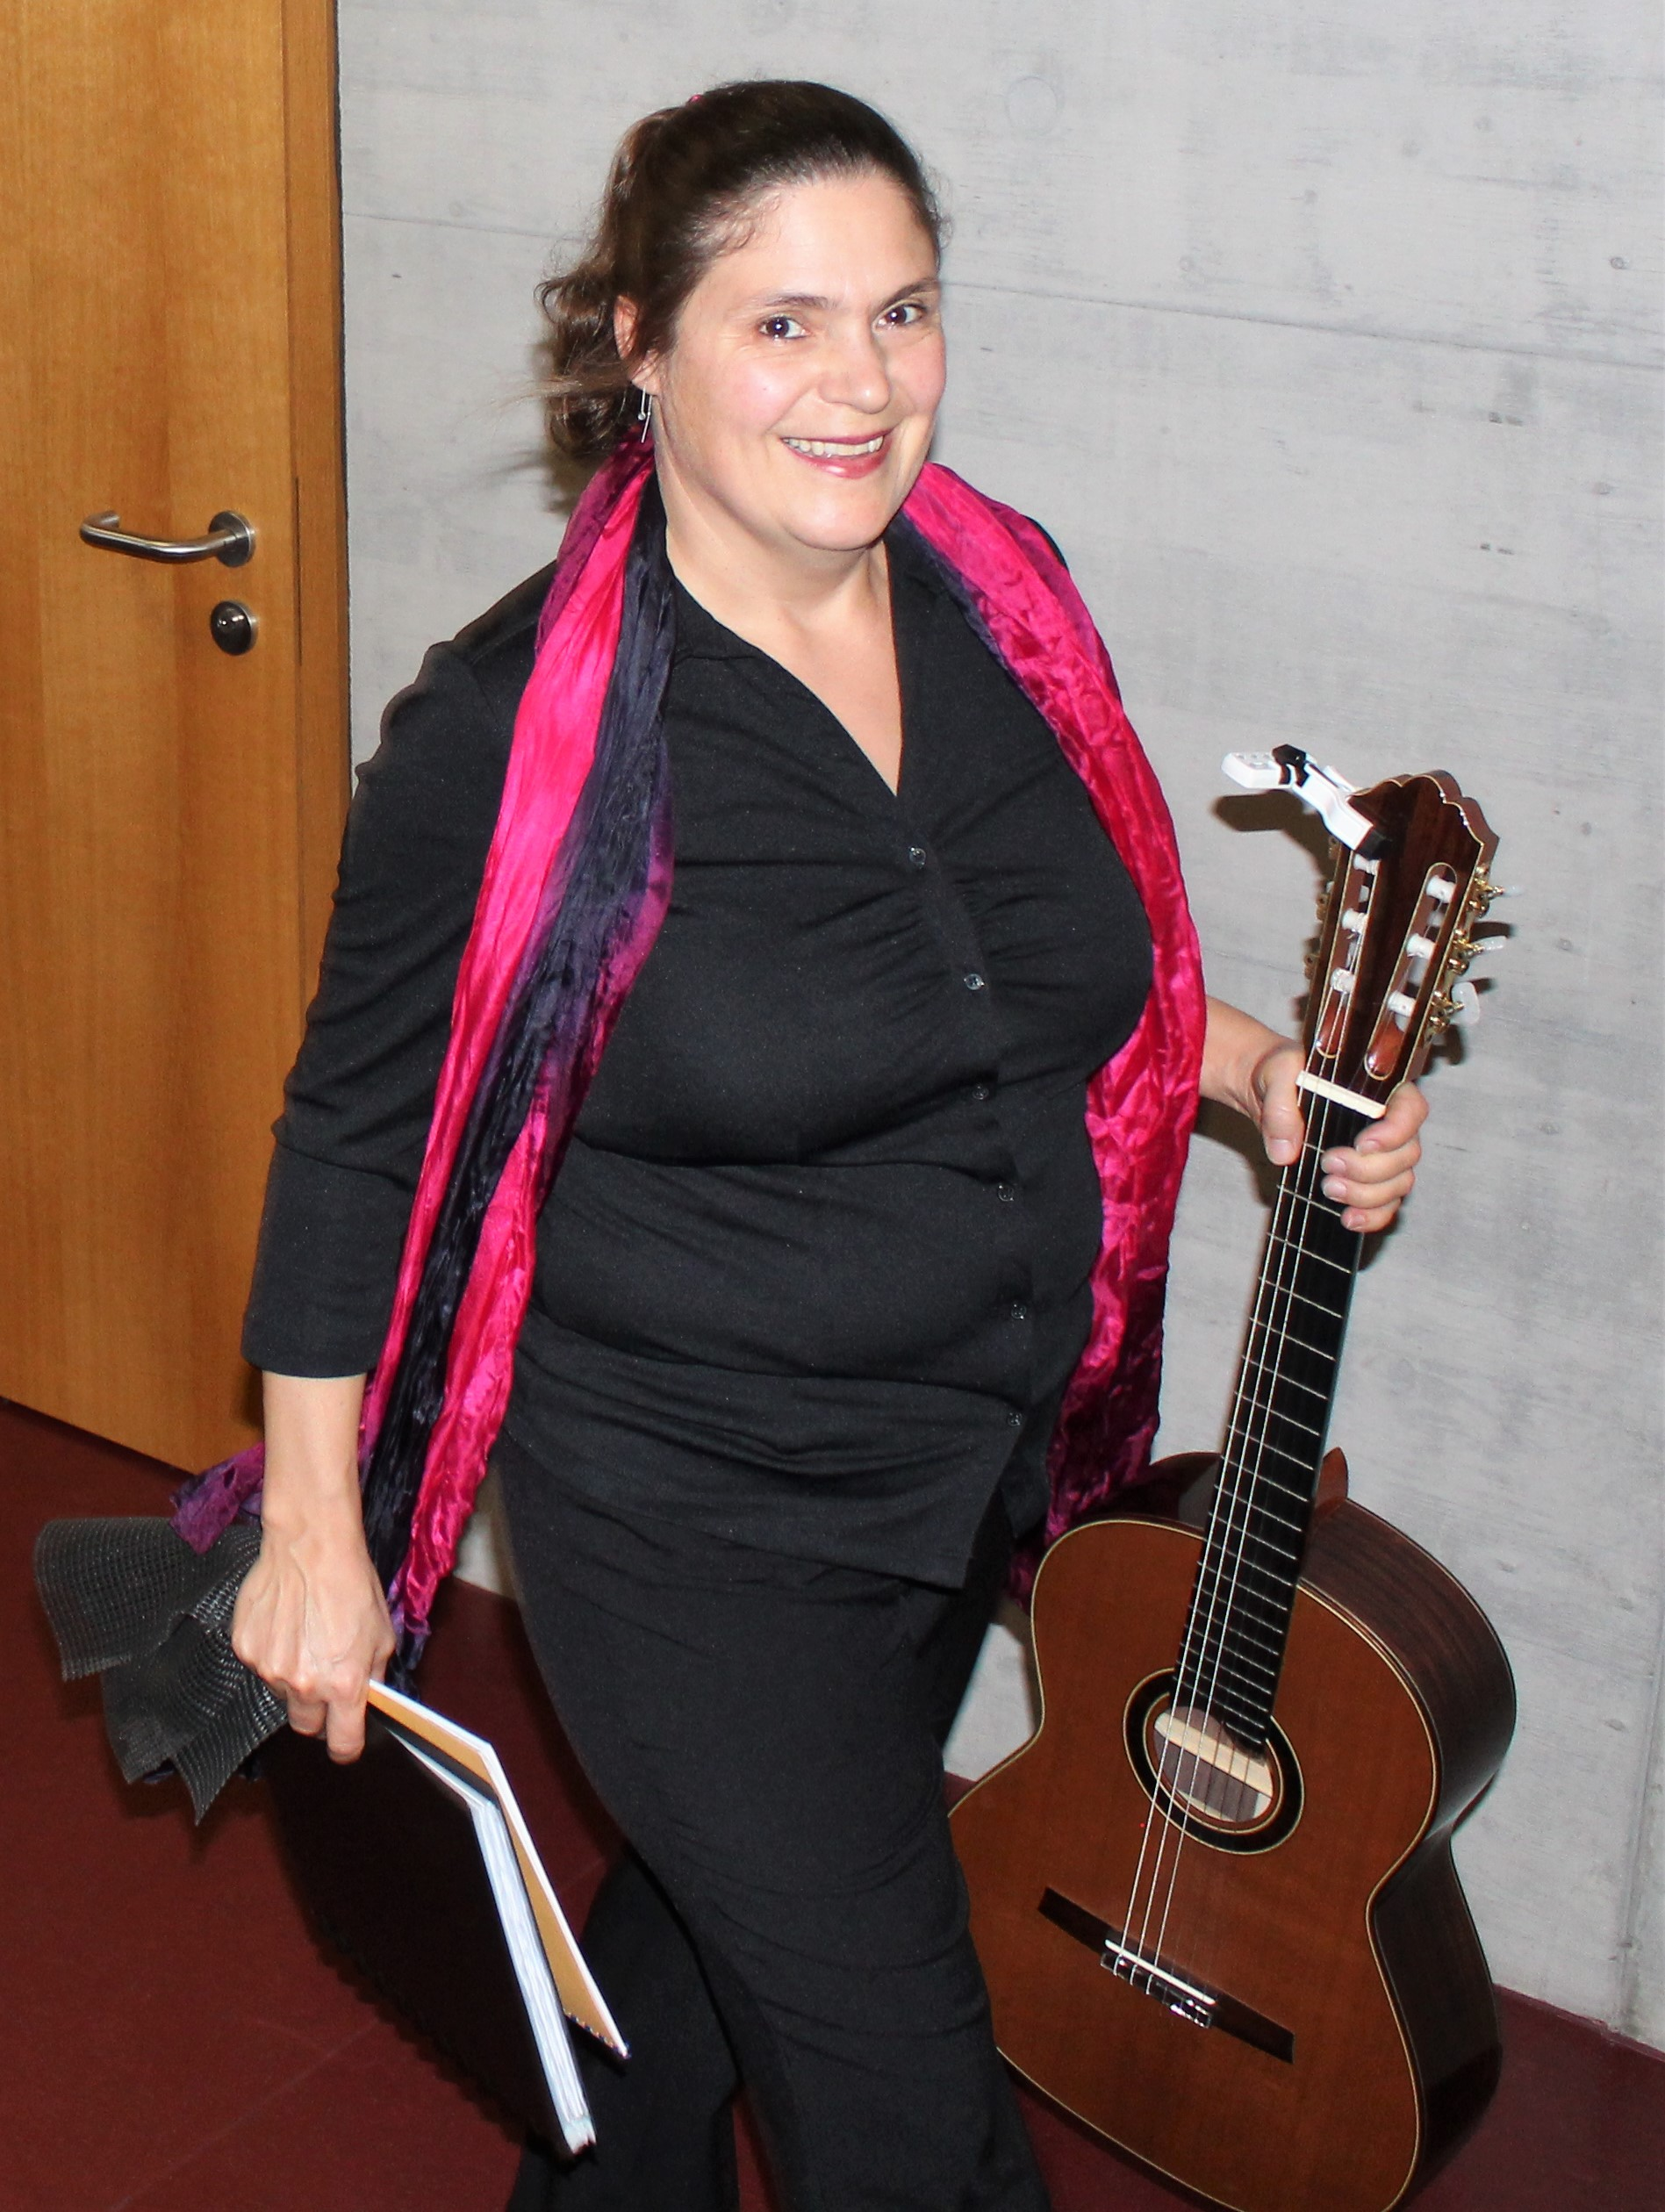 Nach einem erfolgreichen Konzert